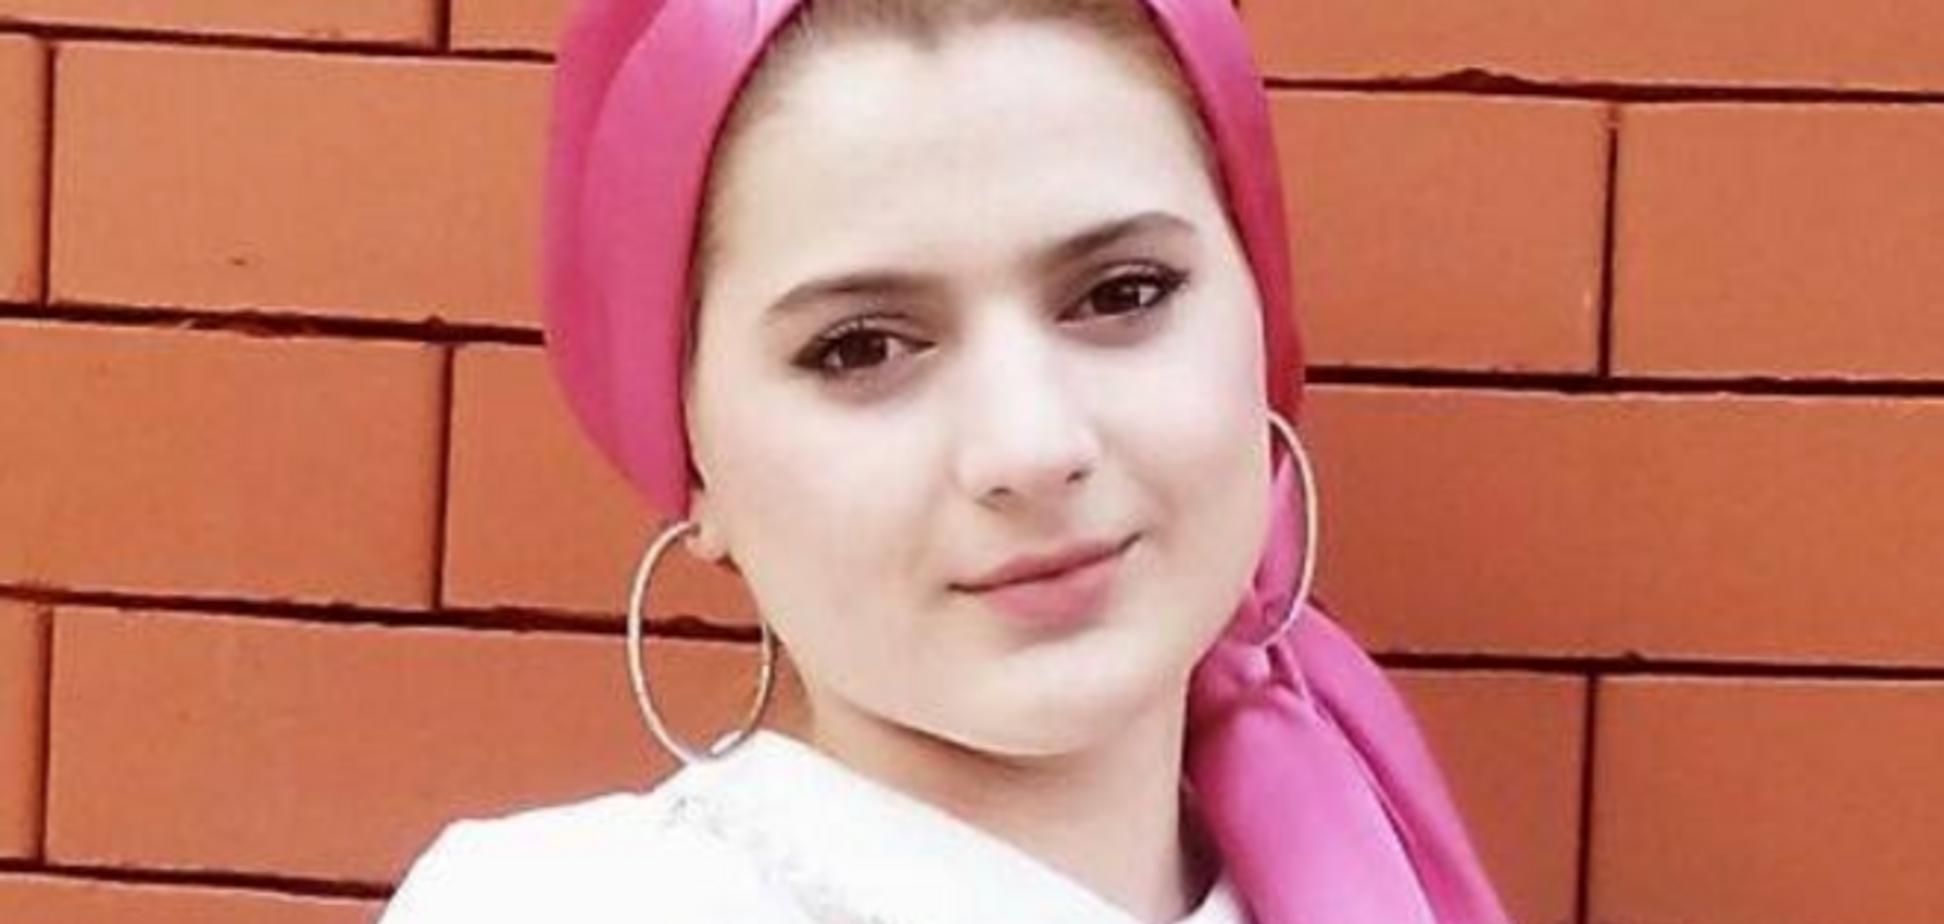 Чеченская пленница: Кадырова призвали спасти девушку от домогательств престарелого силовика